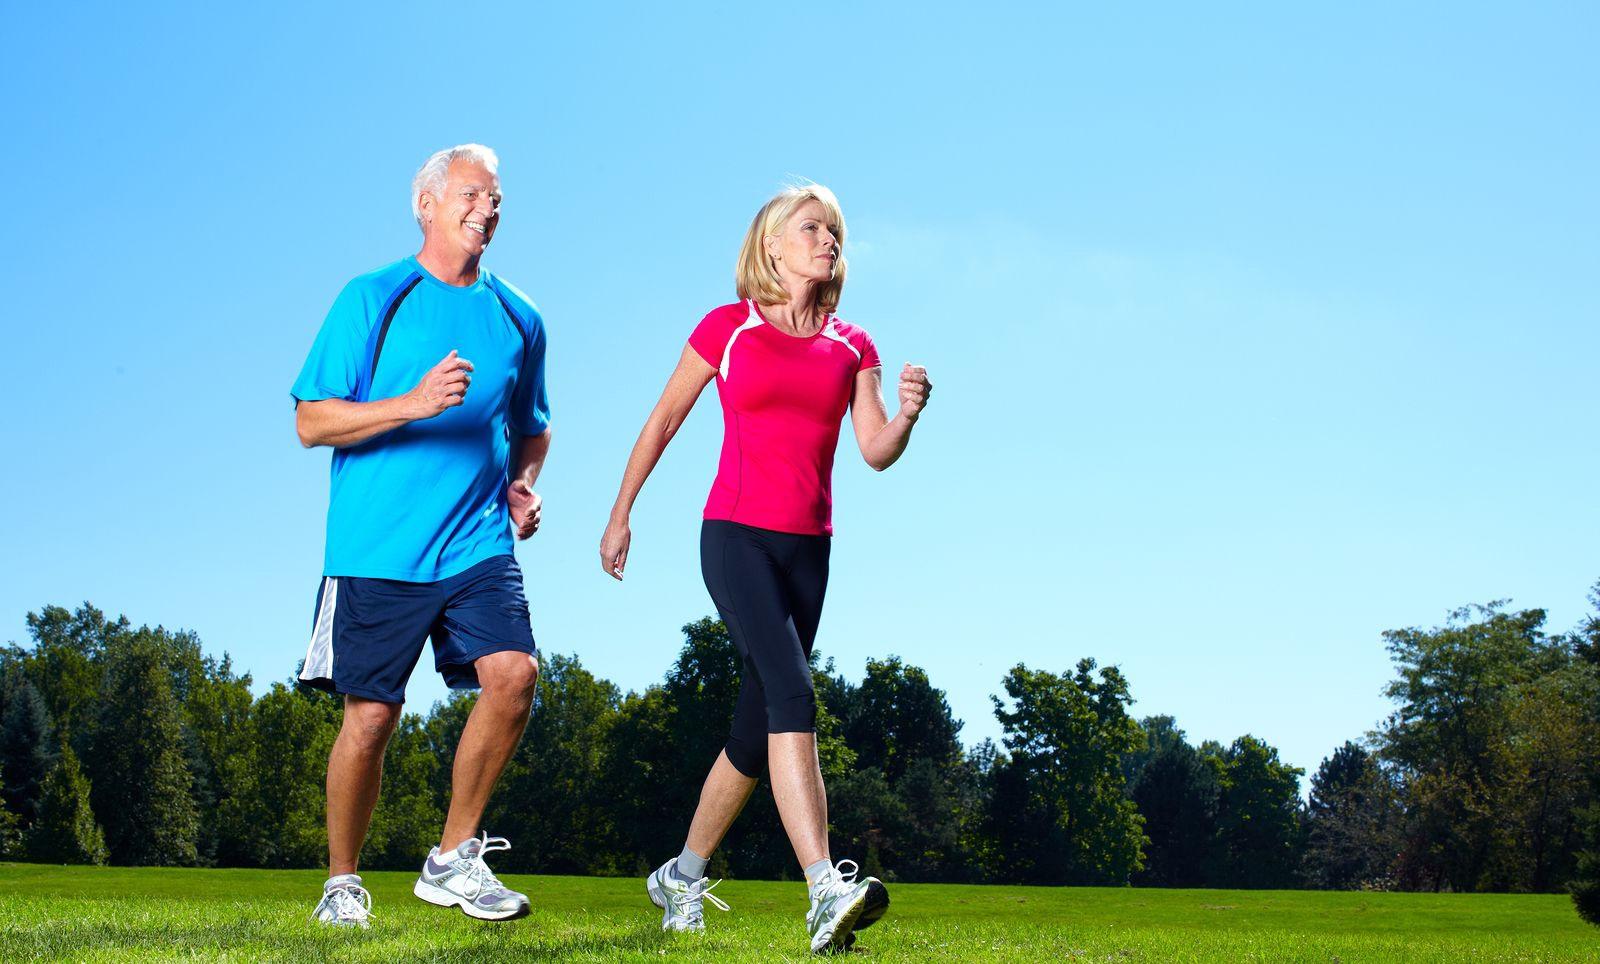 Tập thể dục rất tốt cho sức khỏe nói chung và người bệnh gút nói riêng